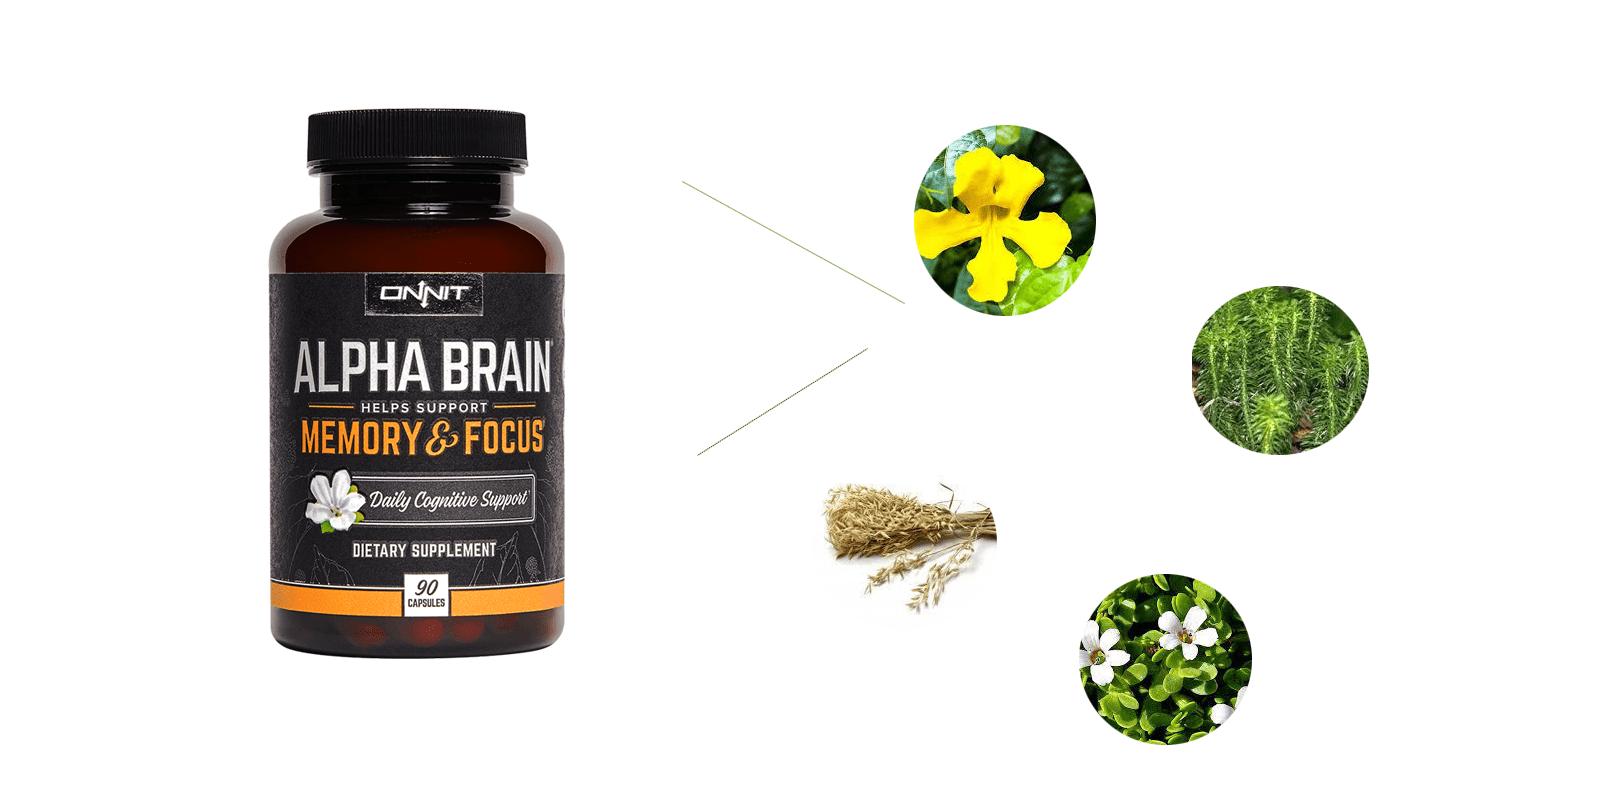 Onnit Alpha Brain Supplement ingredients